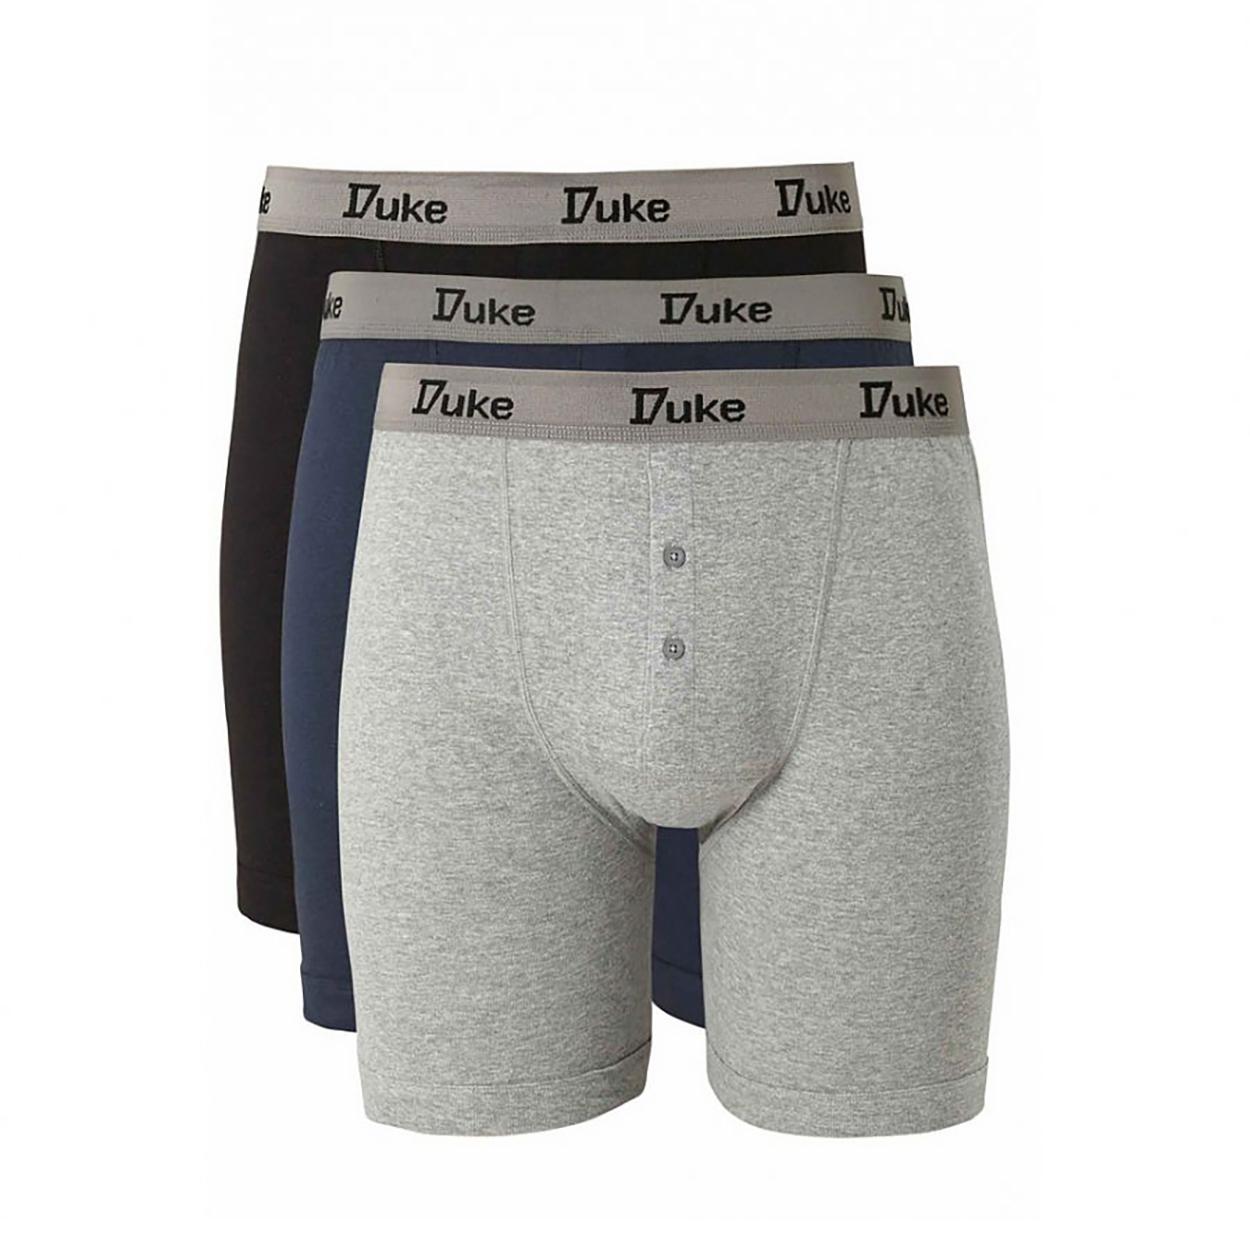 Duke-London-Mens-Driver-Kingsize-Cotton-Boxer-Shorts-Pack-Of-3-DC145